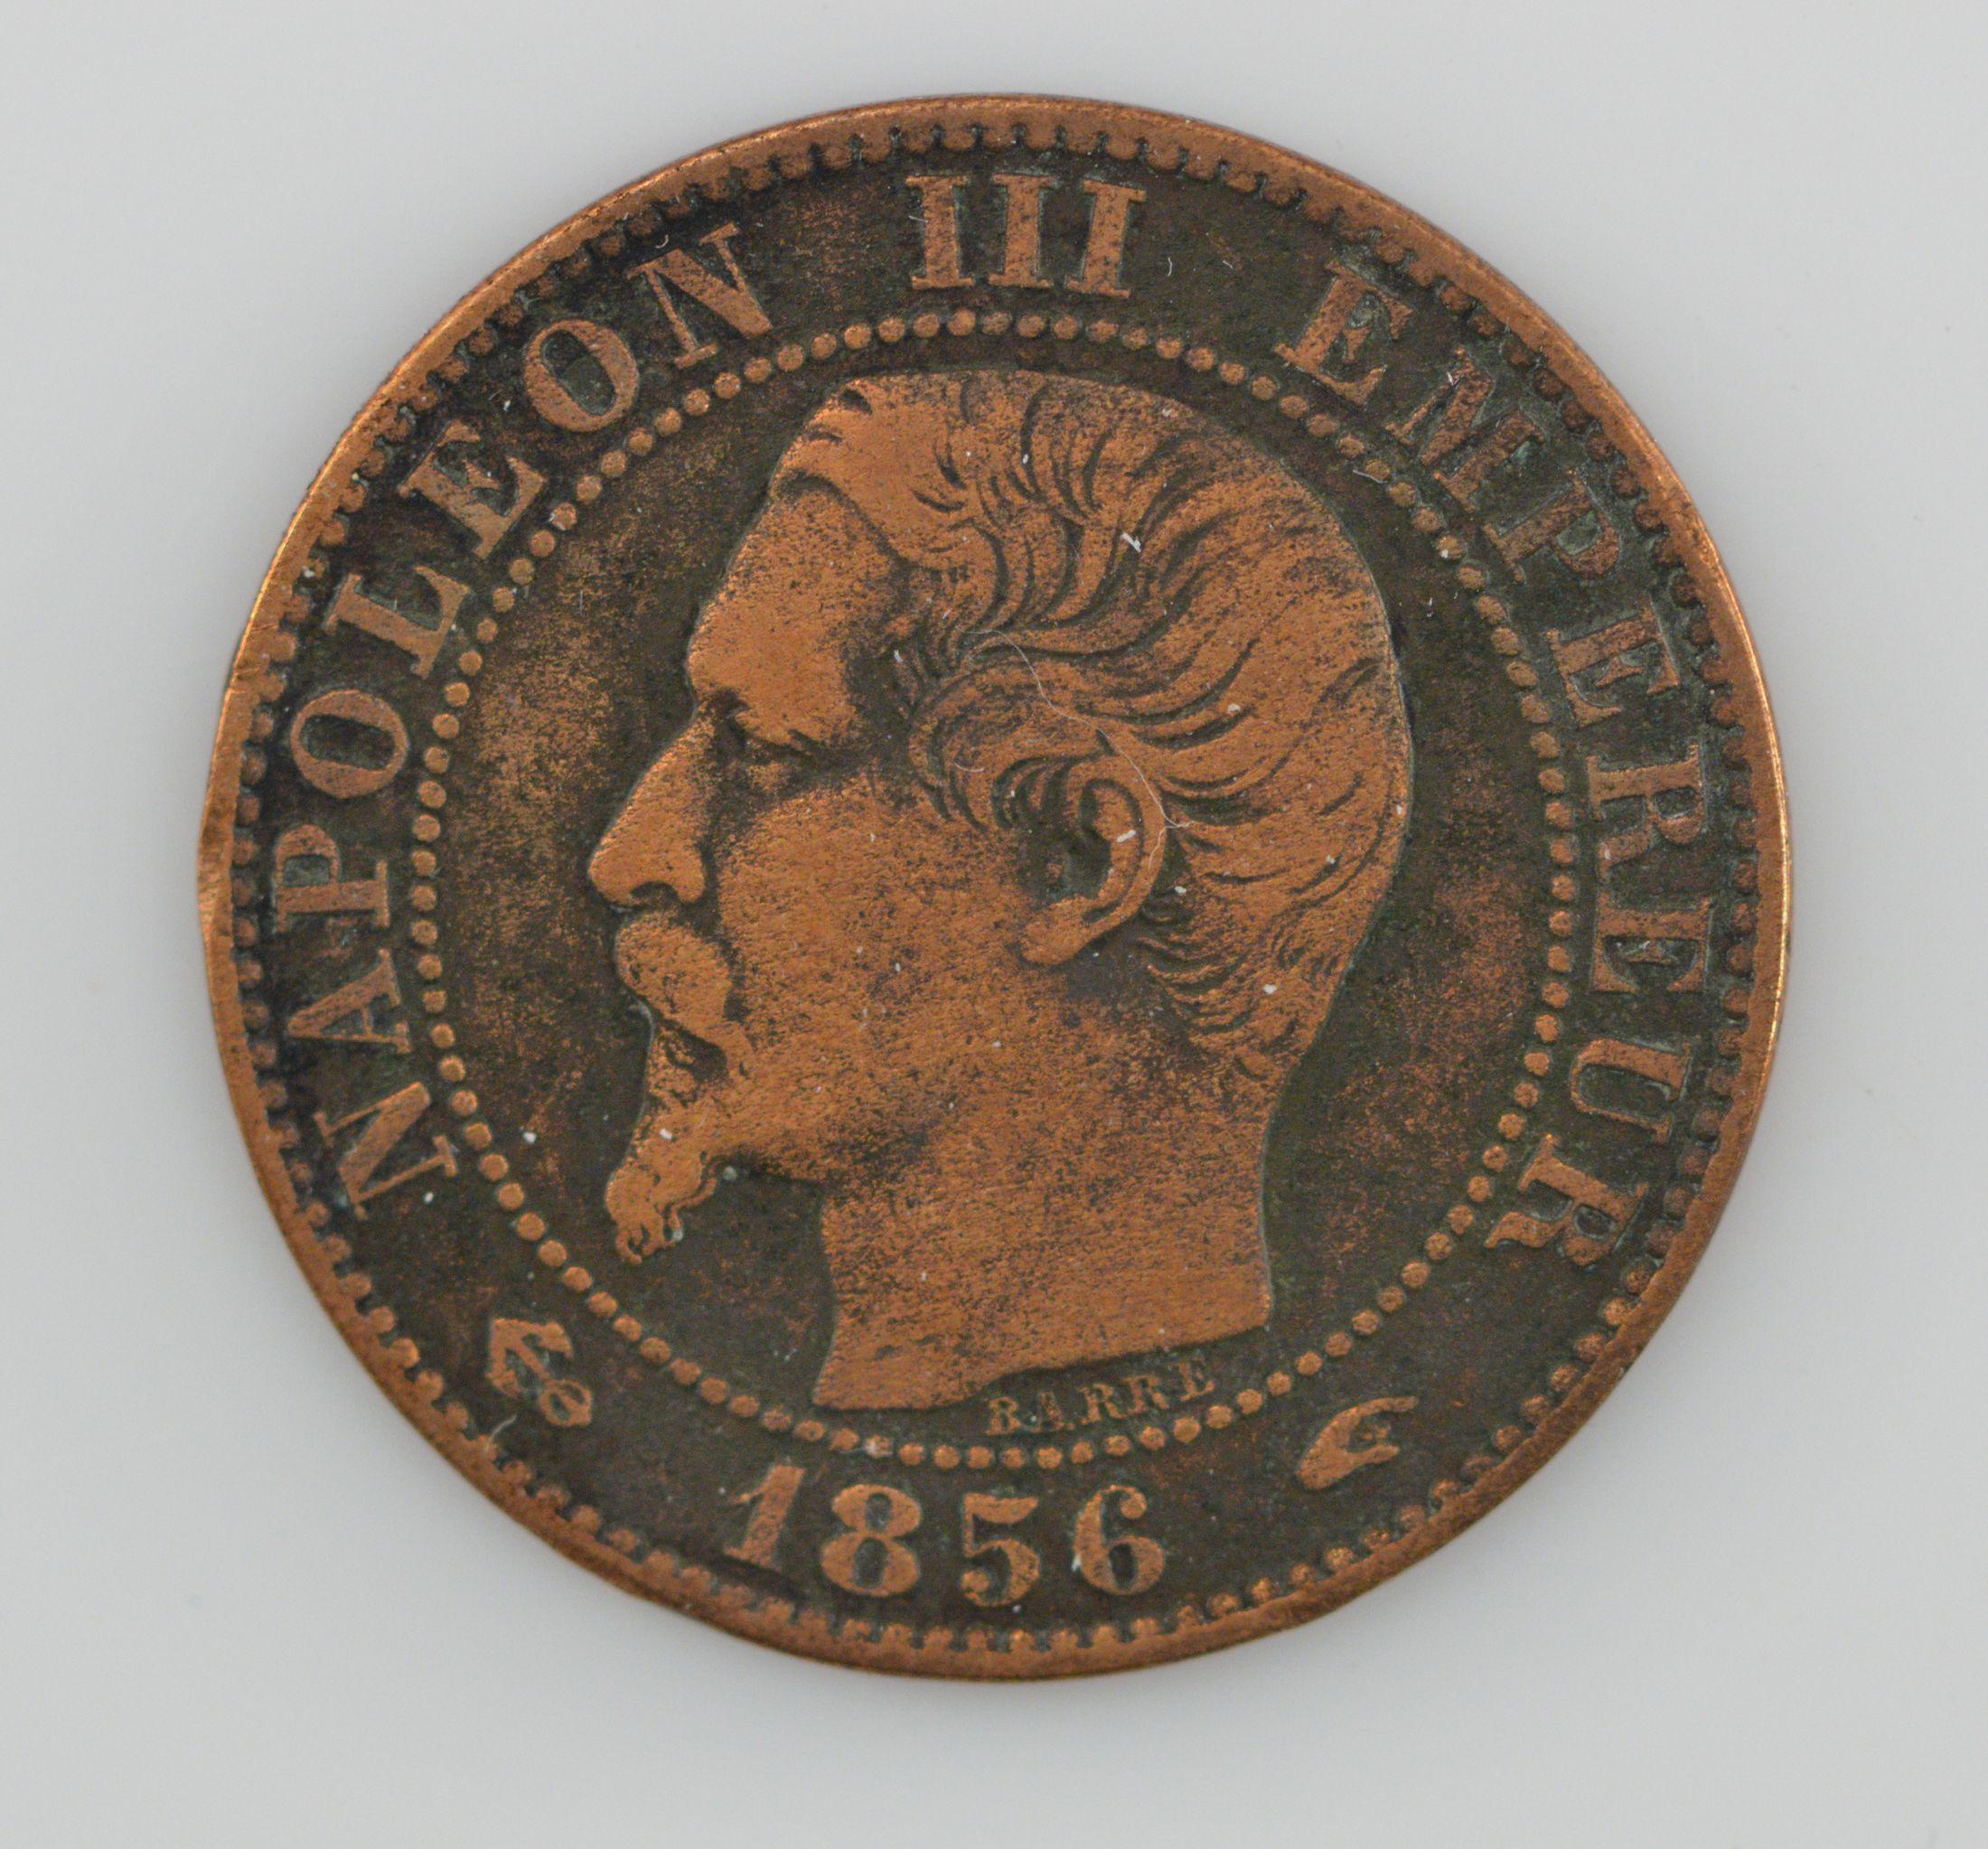 1856-A France 5 Centimes KM#777 1 Napoleon III, Copper